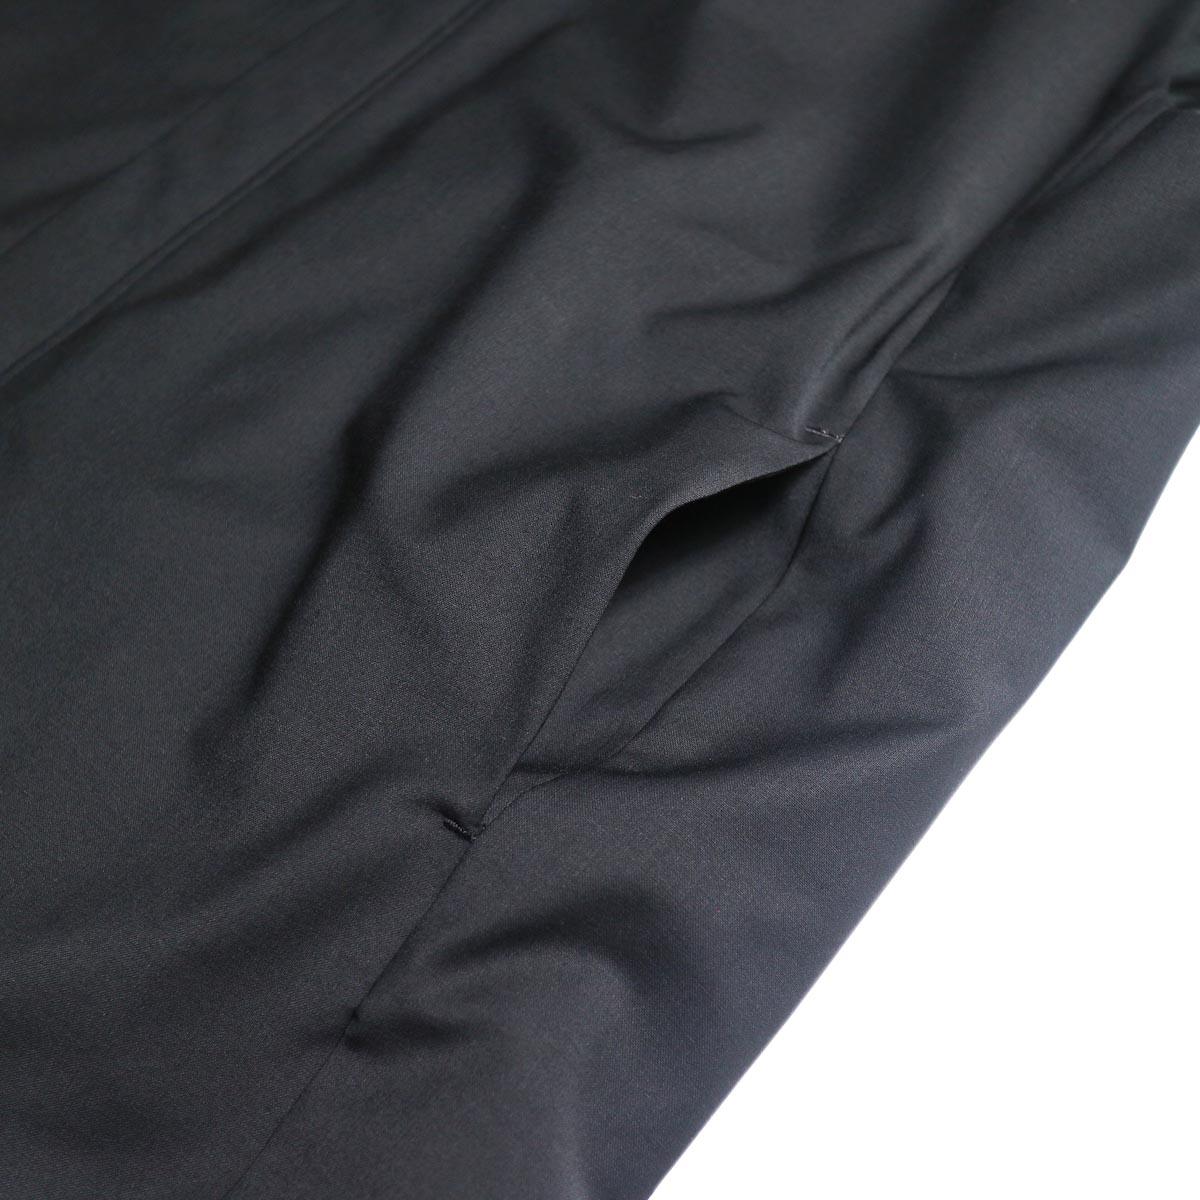 N.HOOLYWOOD / 2202-VE03-002 Vest (Black) ポケット